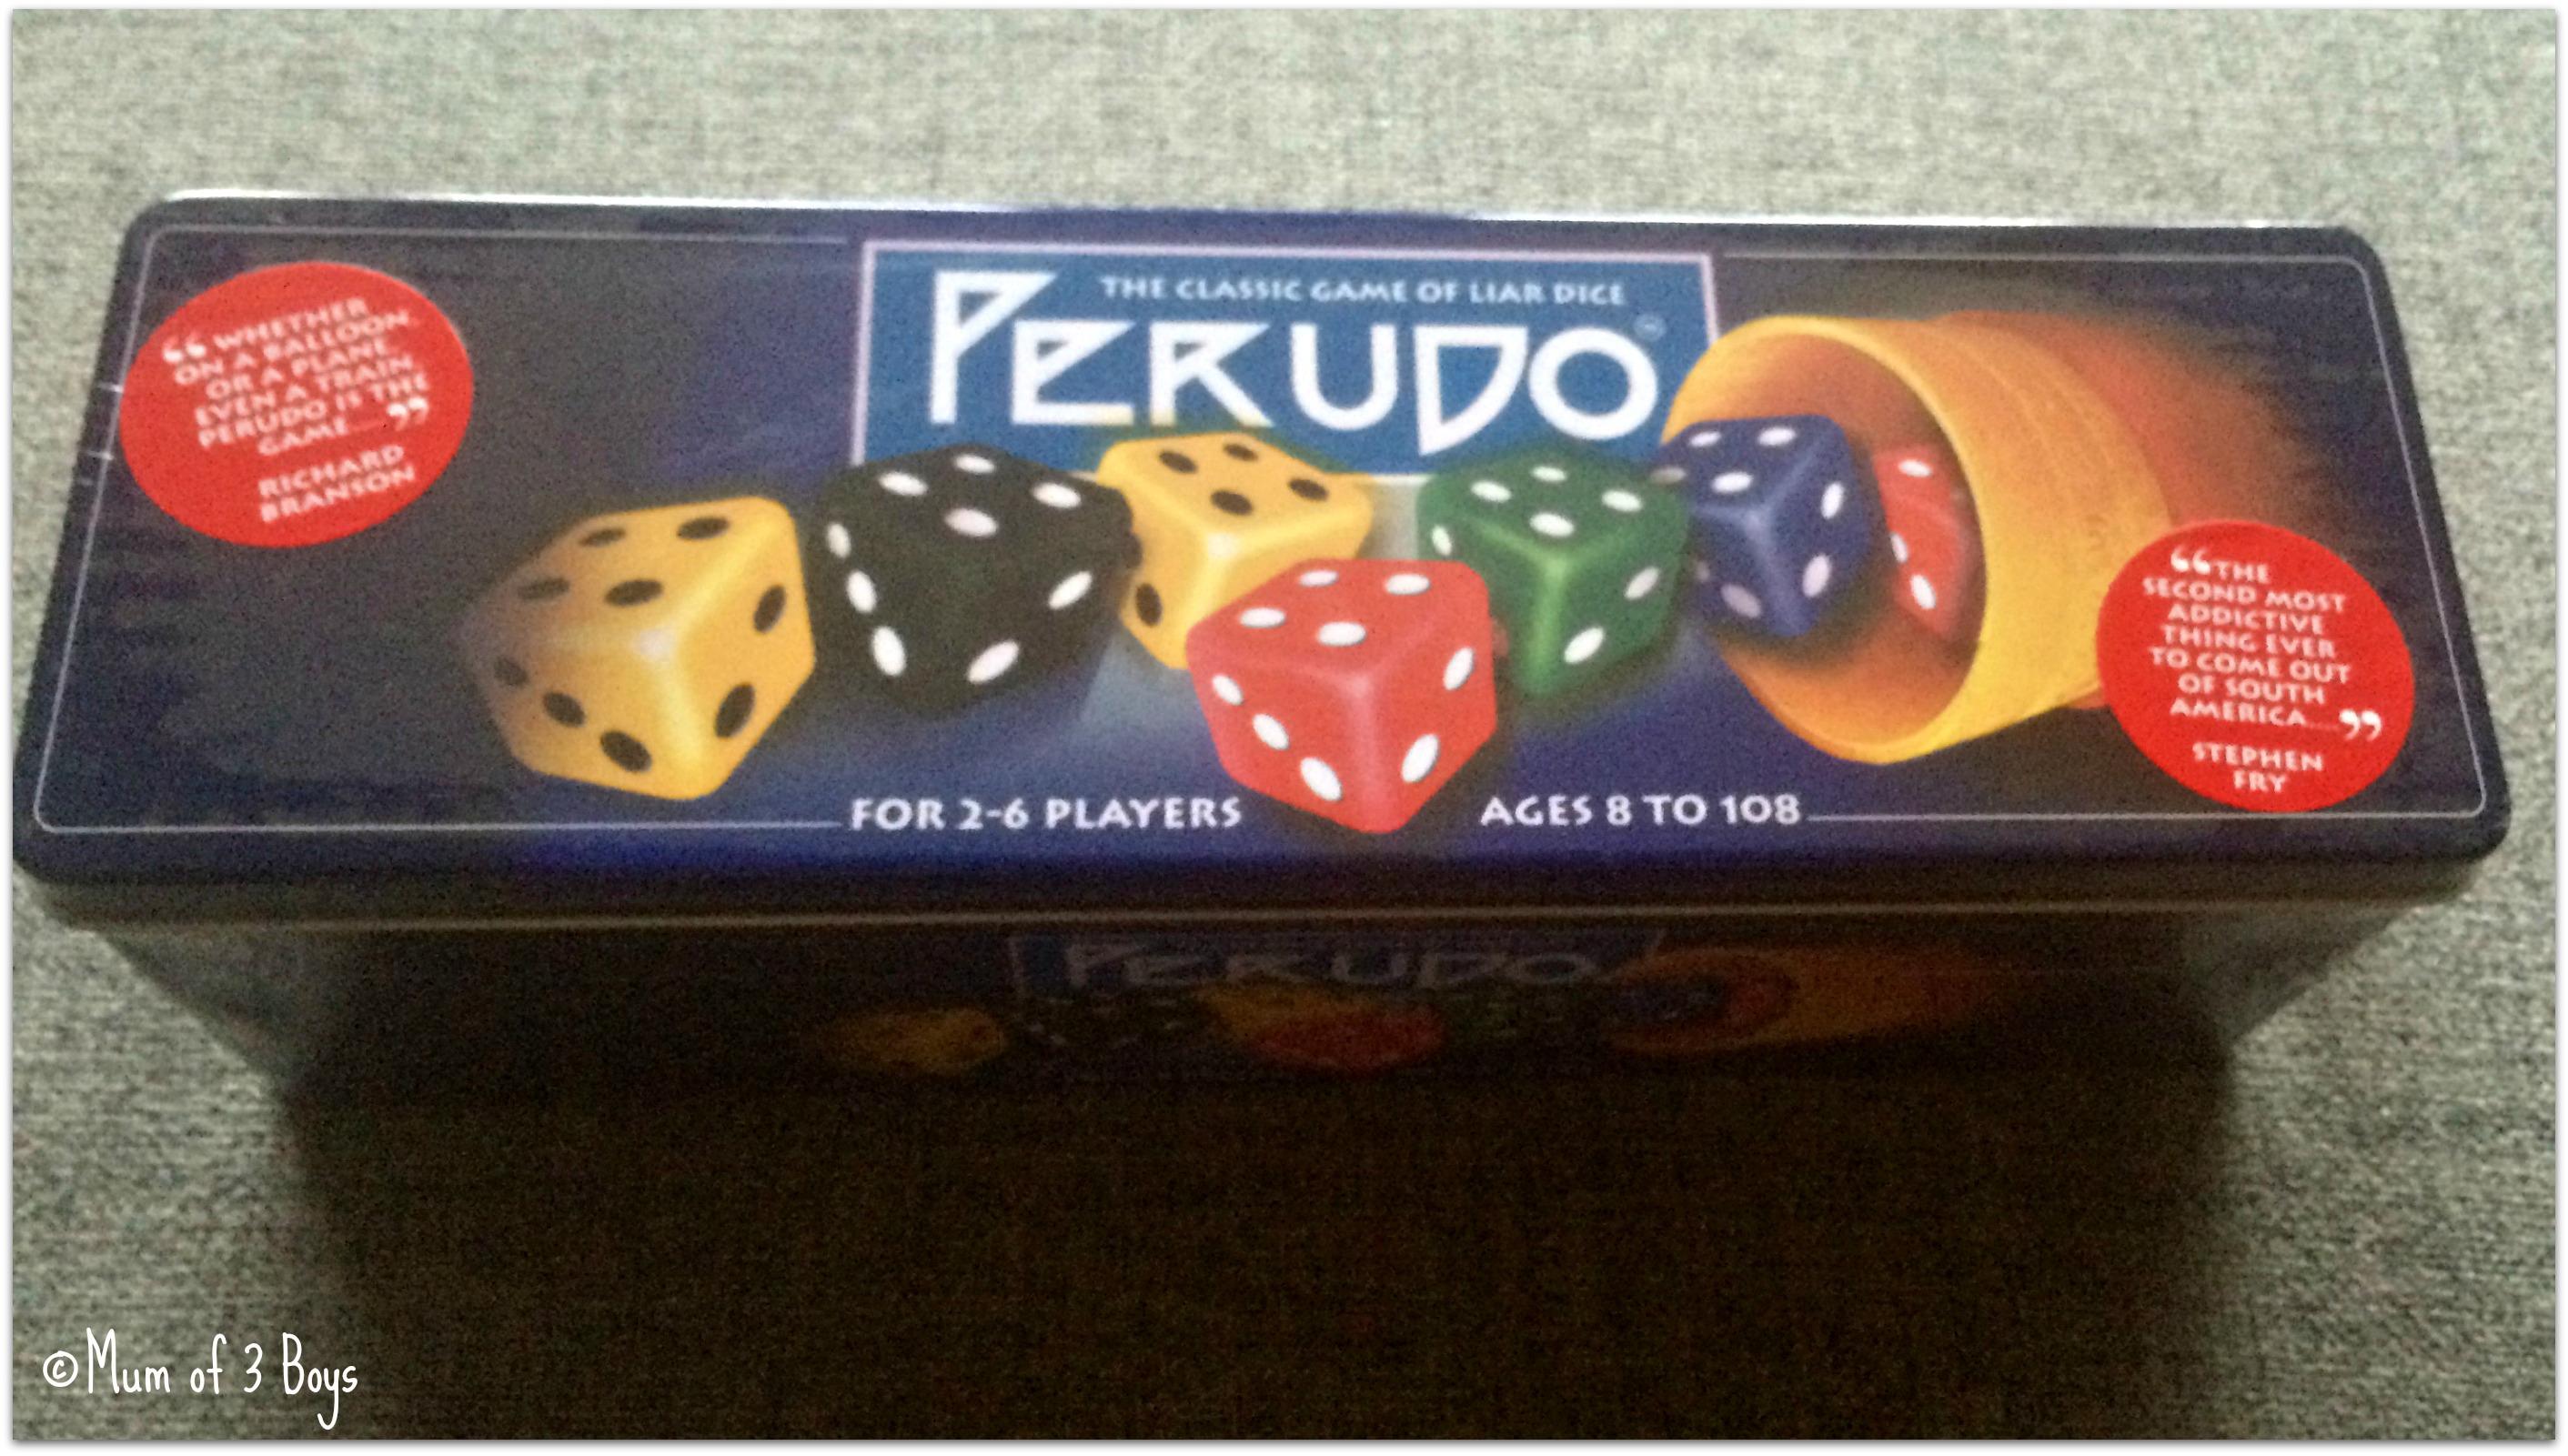 perudo box